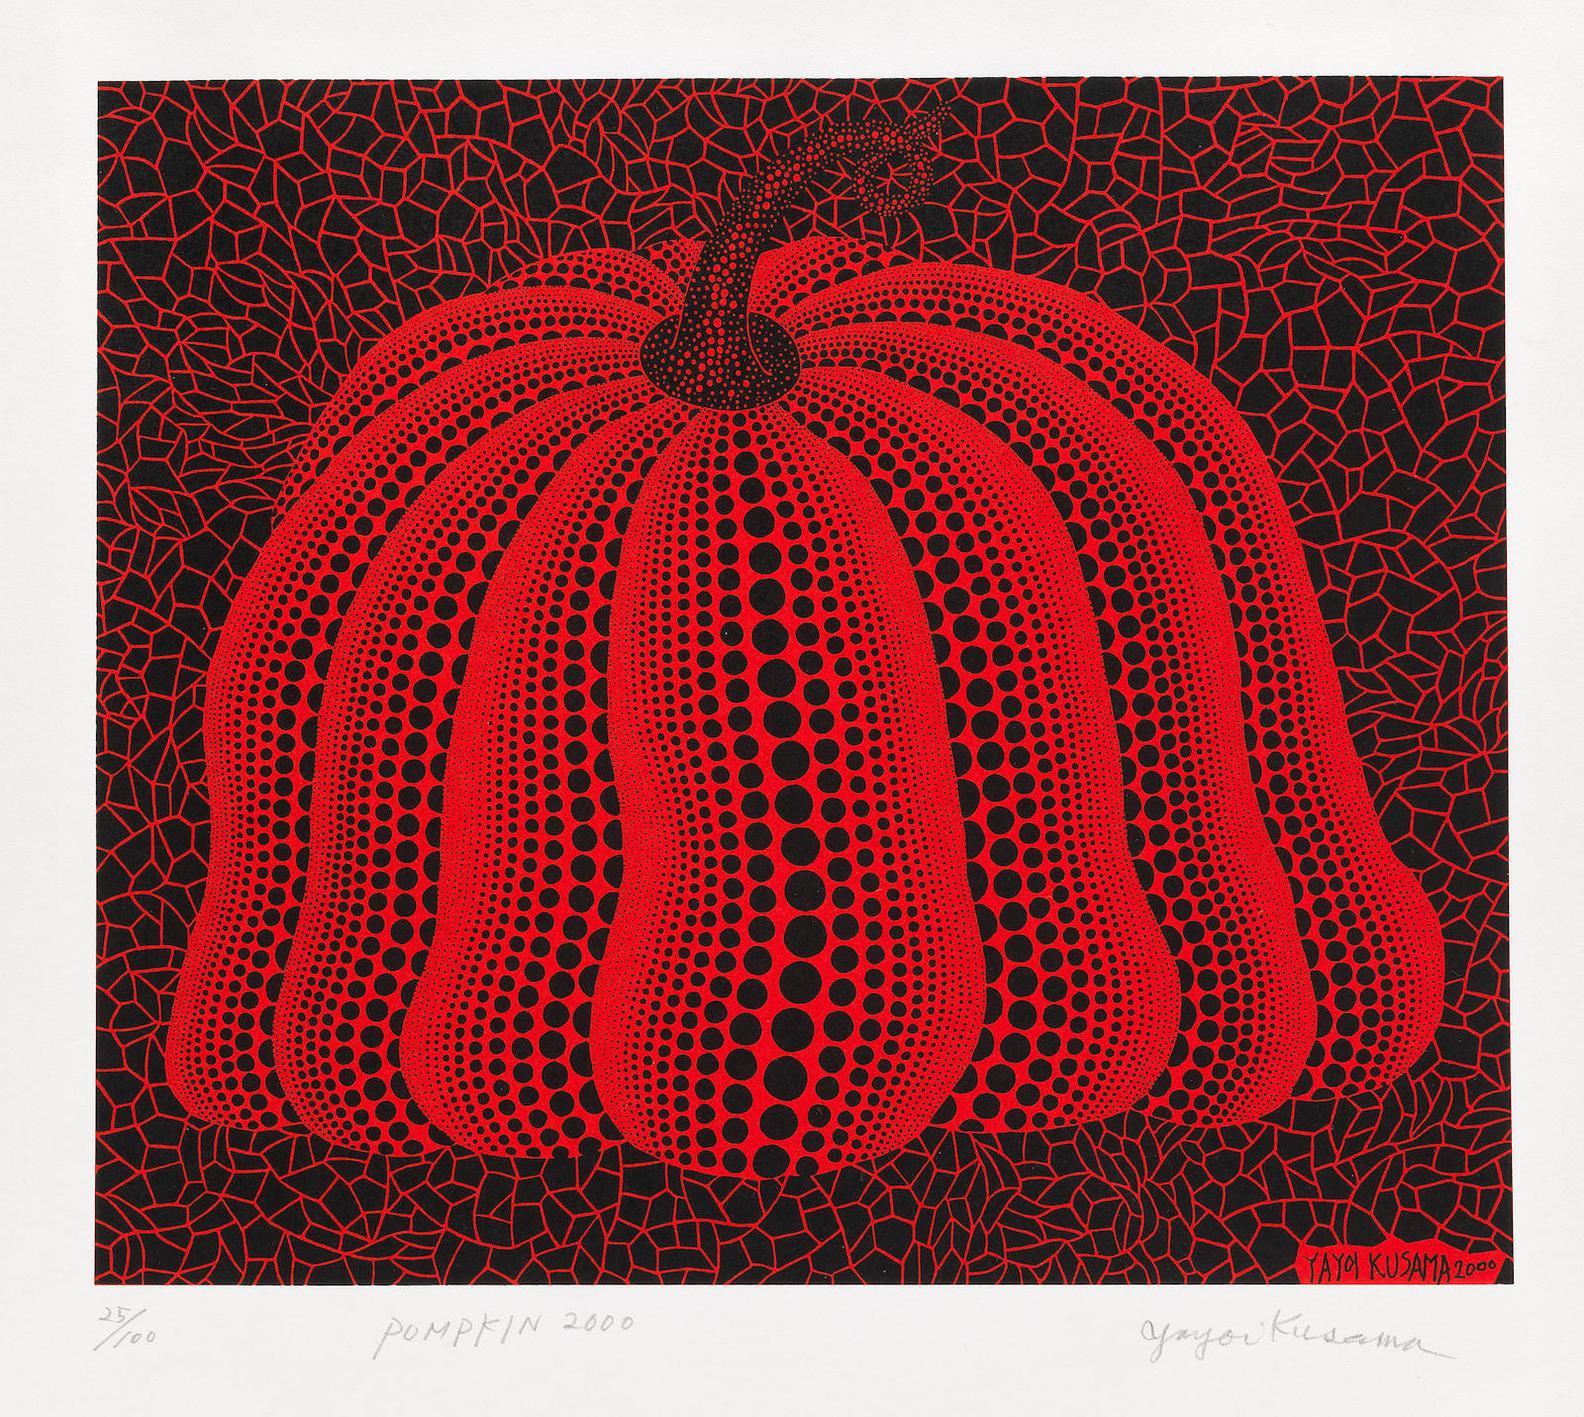 Yayoi Kusama-Pumpkin 2000 (Red) (Kusama 299)-2000